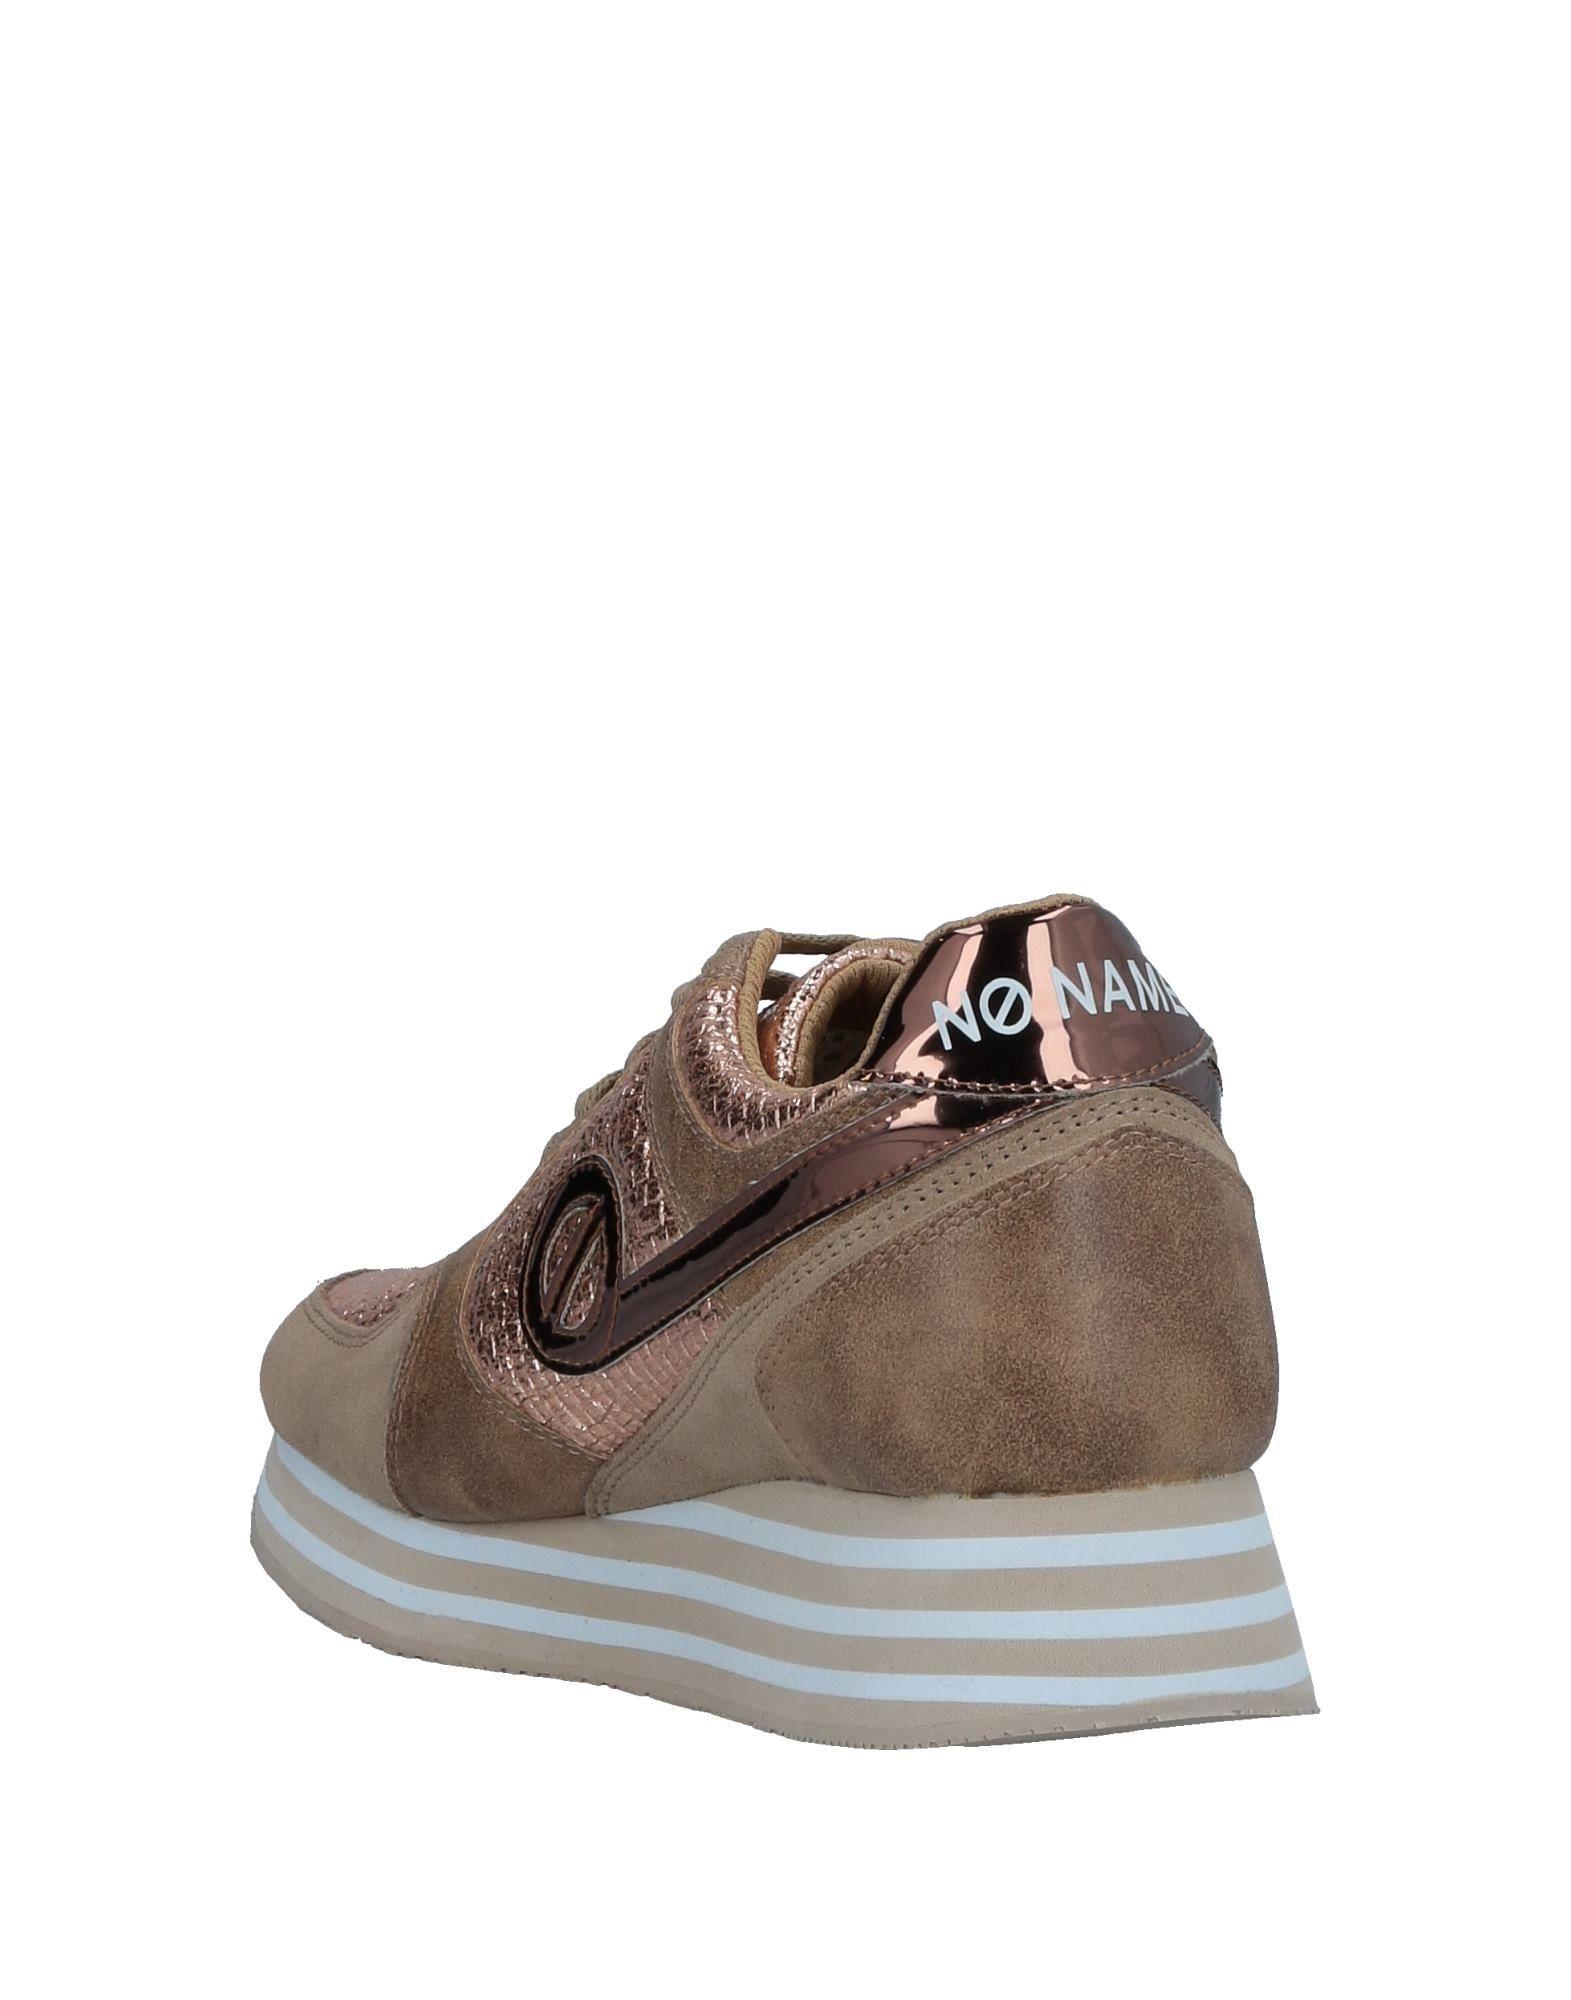 No Name Sneakers Damen Gutes 3888 Preis-Leistungs-Verhältnis, es lohnt sich 3888 Gutes 525b22